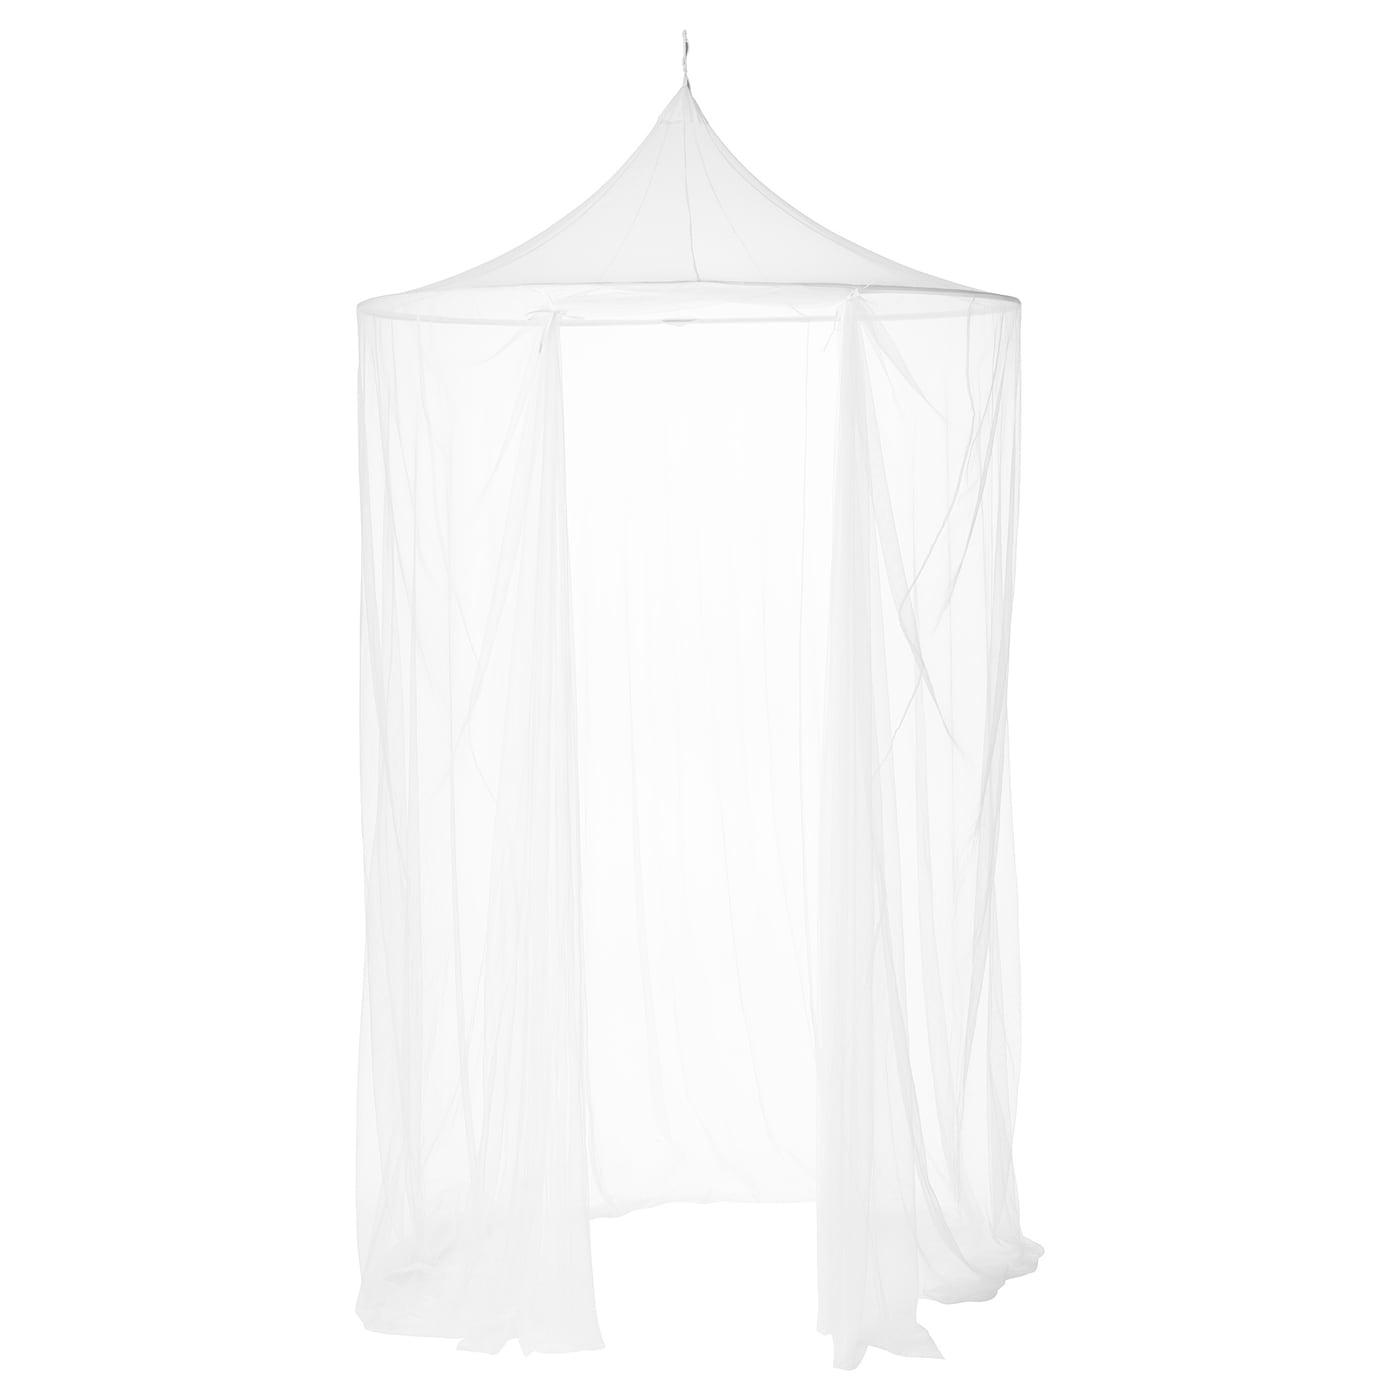 Solig Filet - Blanc 150 Cm intérieur Toile Pour Tonnelle 3X3 Ikea